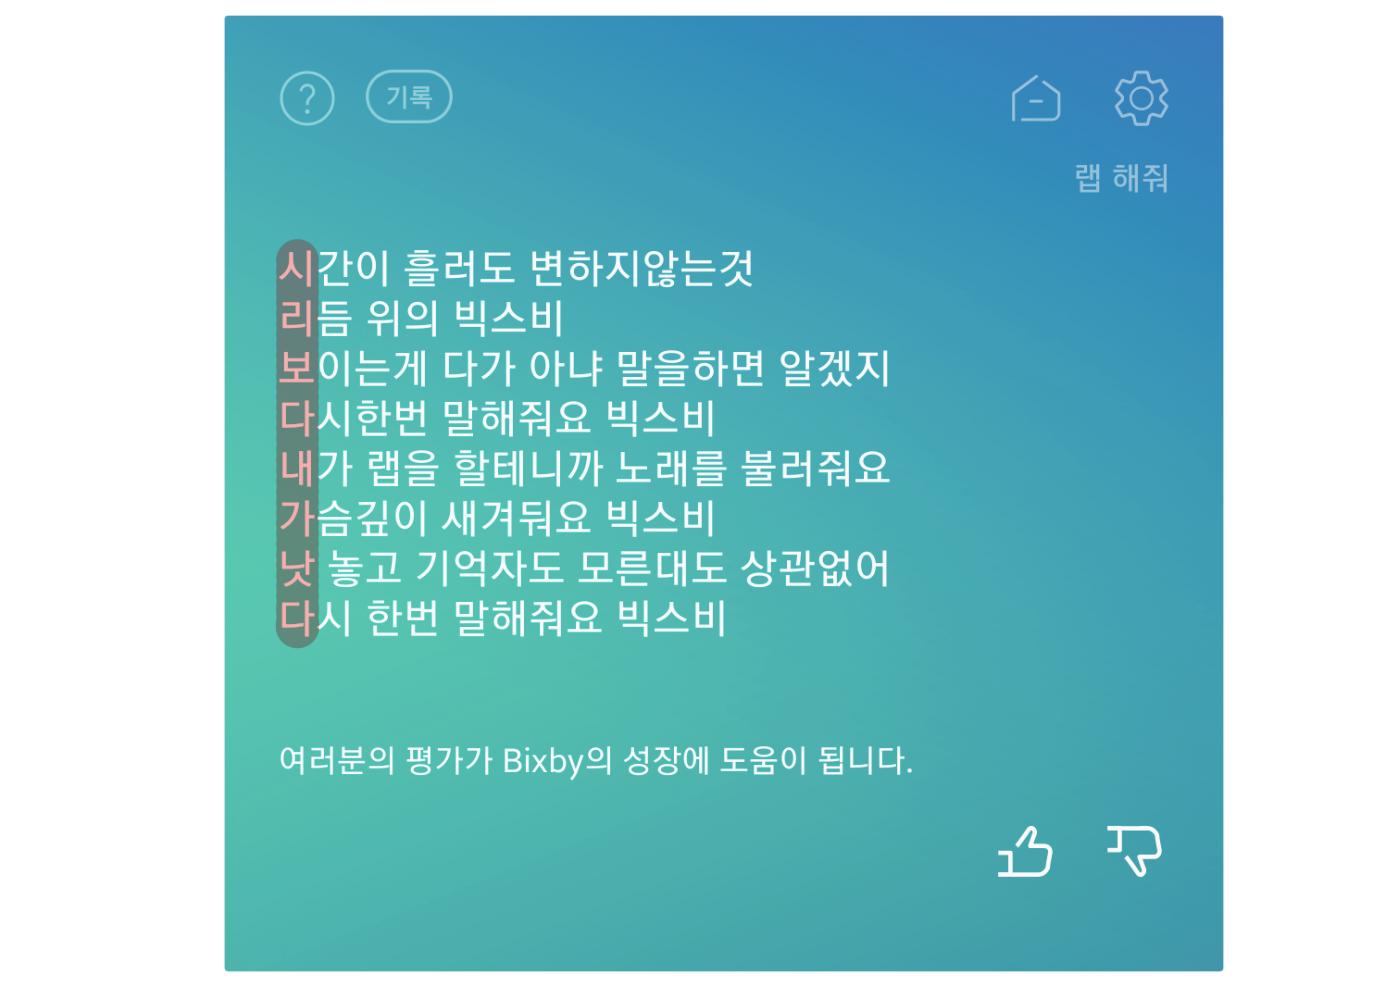 Samsung Hides Siri Diss in Bixby Rap